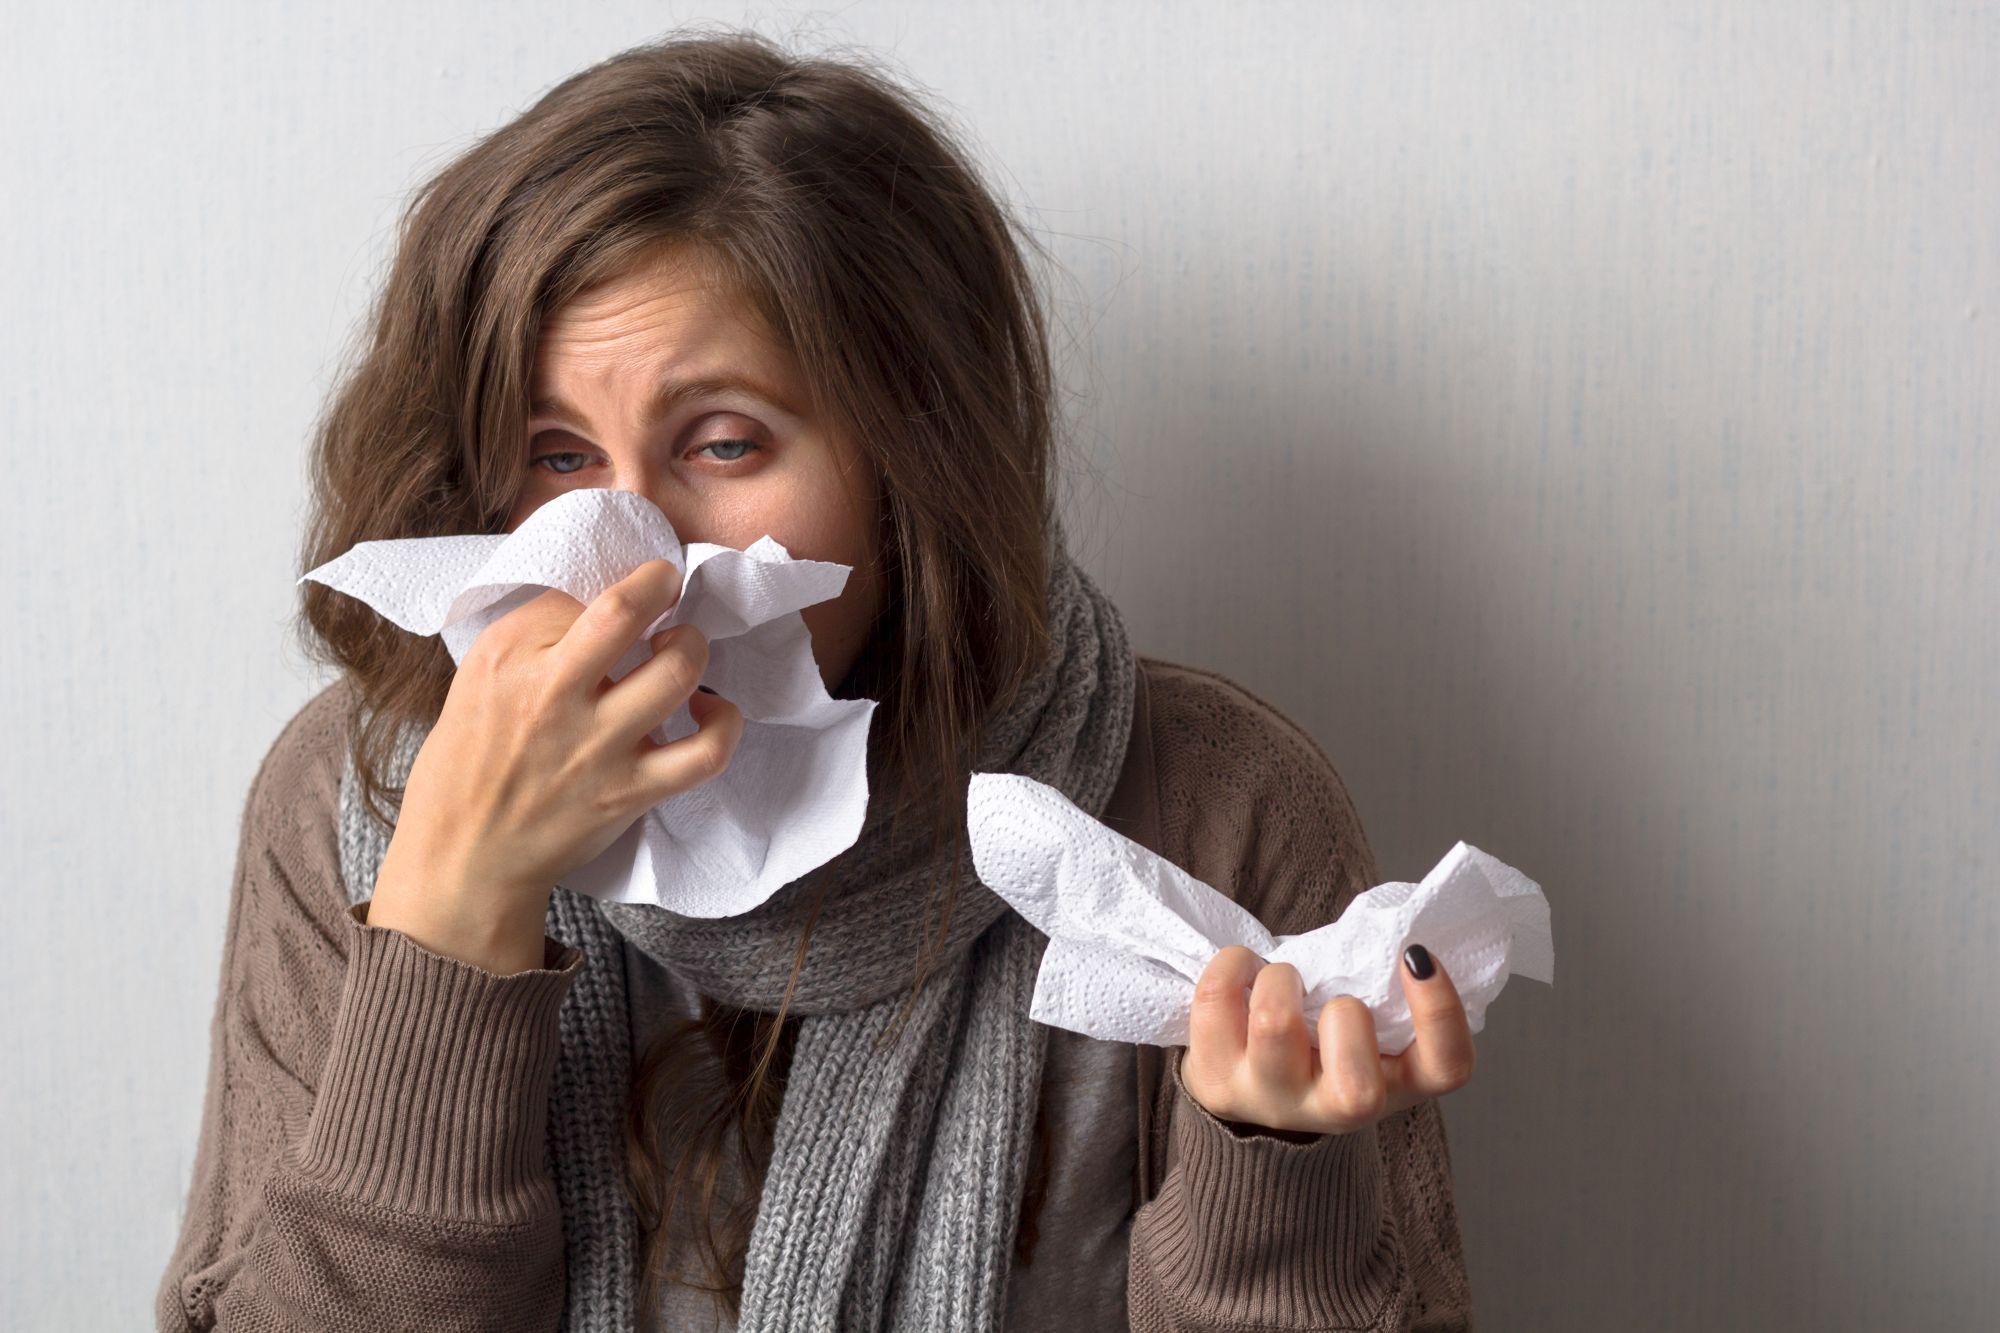 Nainen hengittää raskaasti flunssassa